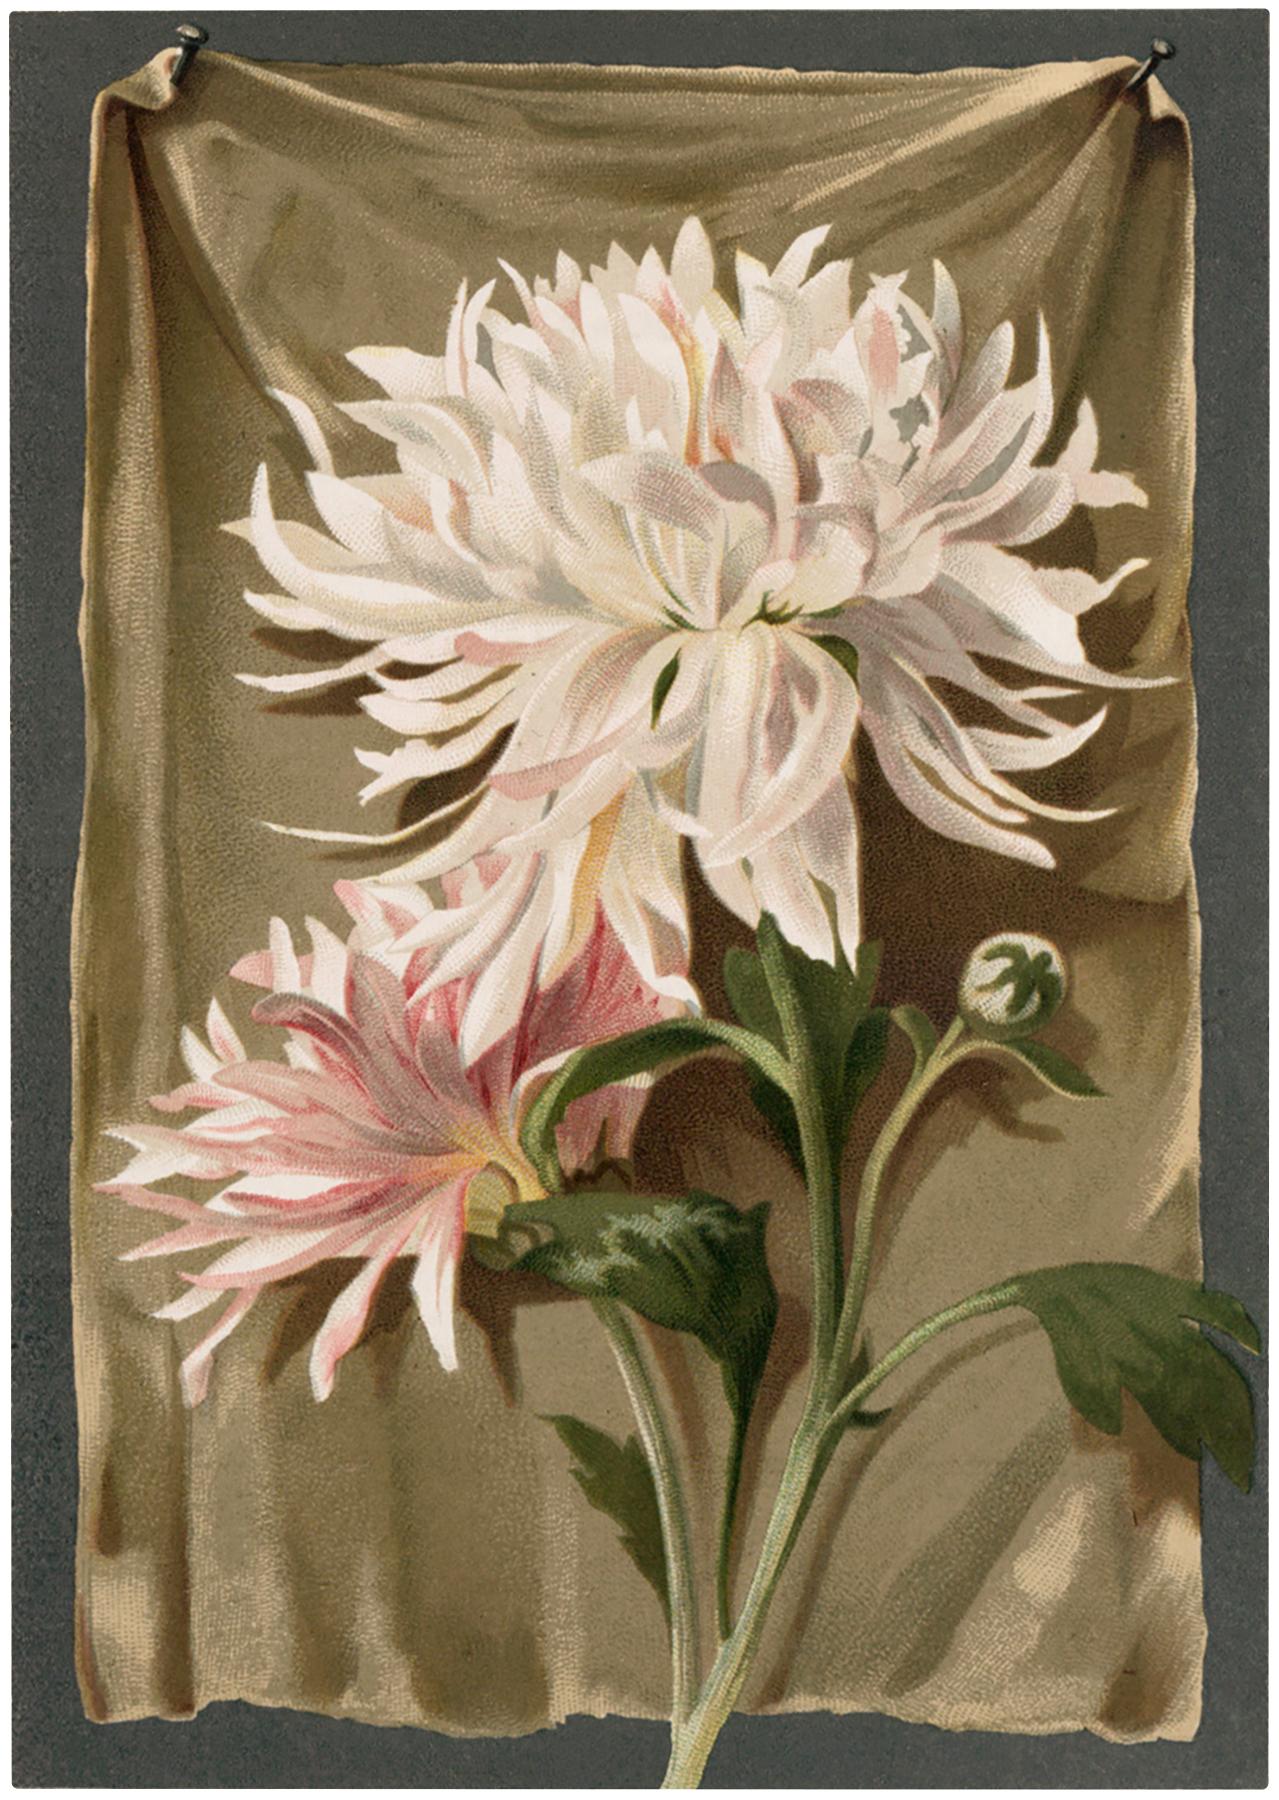 Vintage Pink White Mums Image